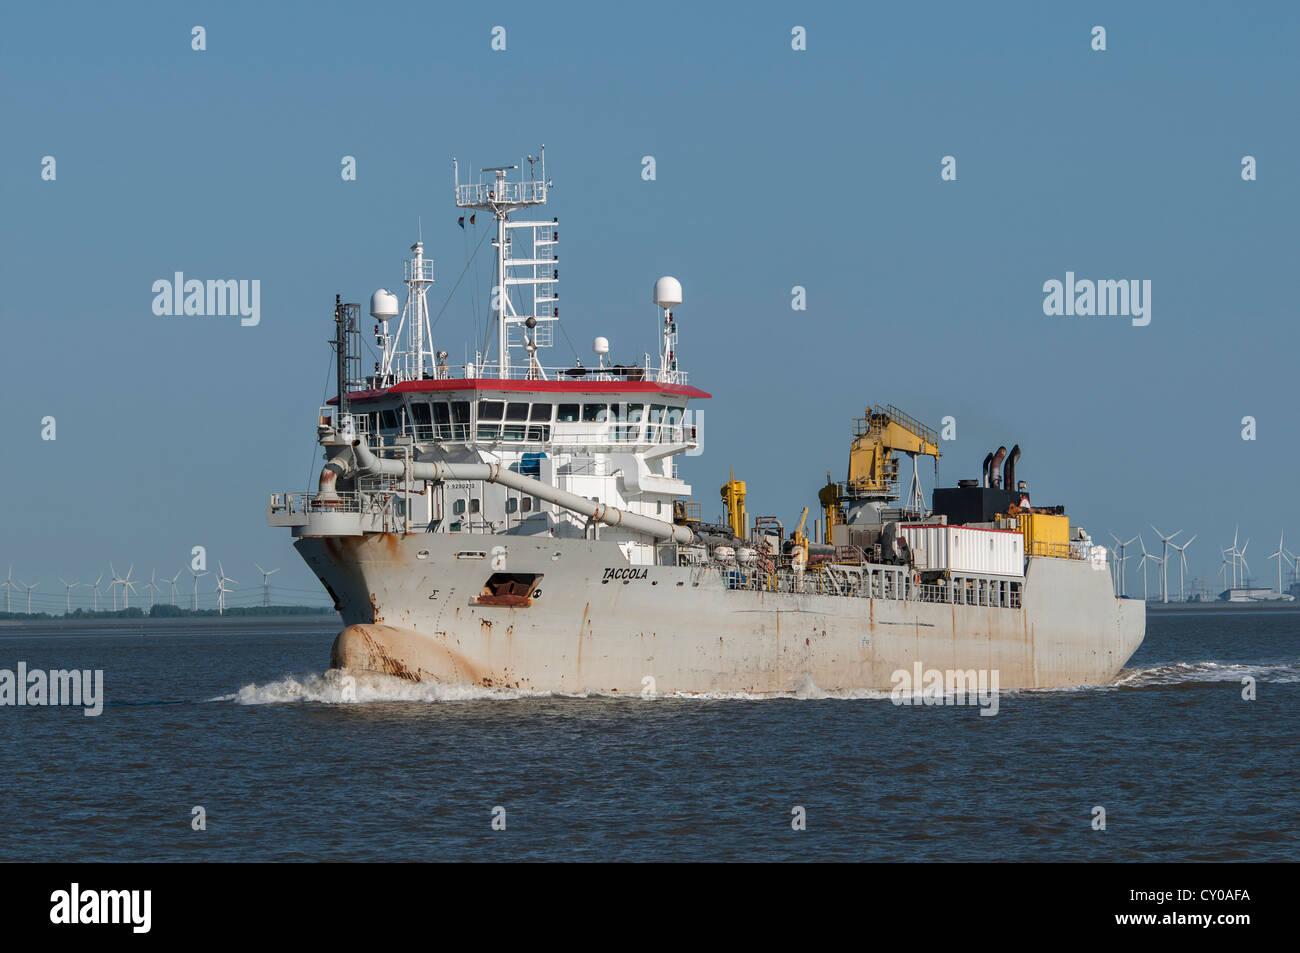 Drague, 'Travail' Taccola bateau sur l'estuaire de la baie Dollart, près de l'Emden, Basse Photo Stock